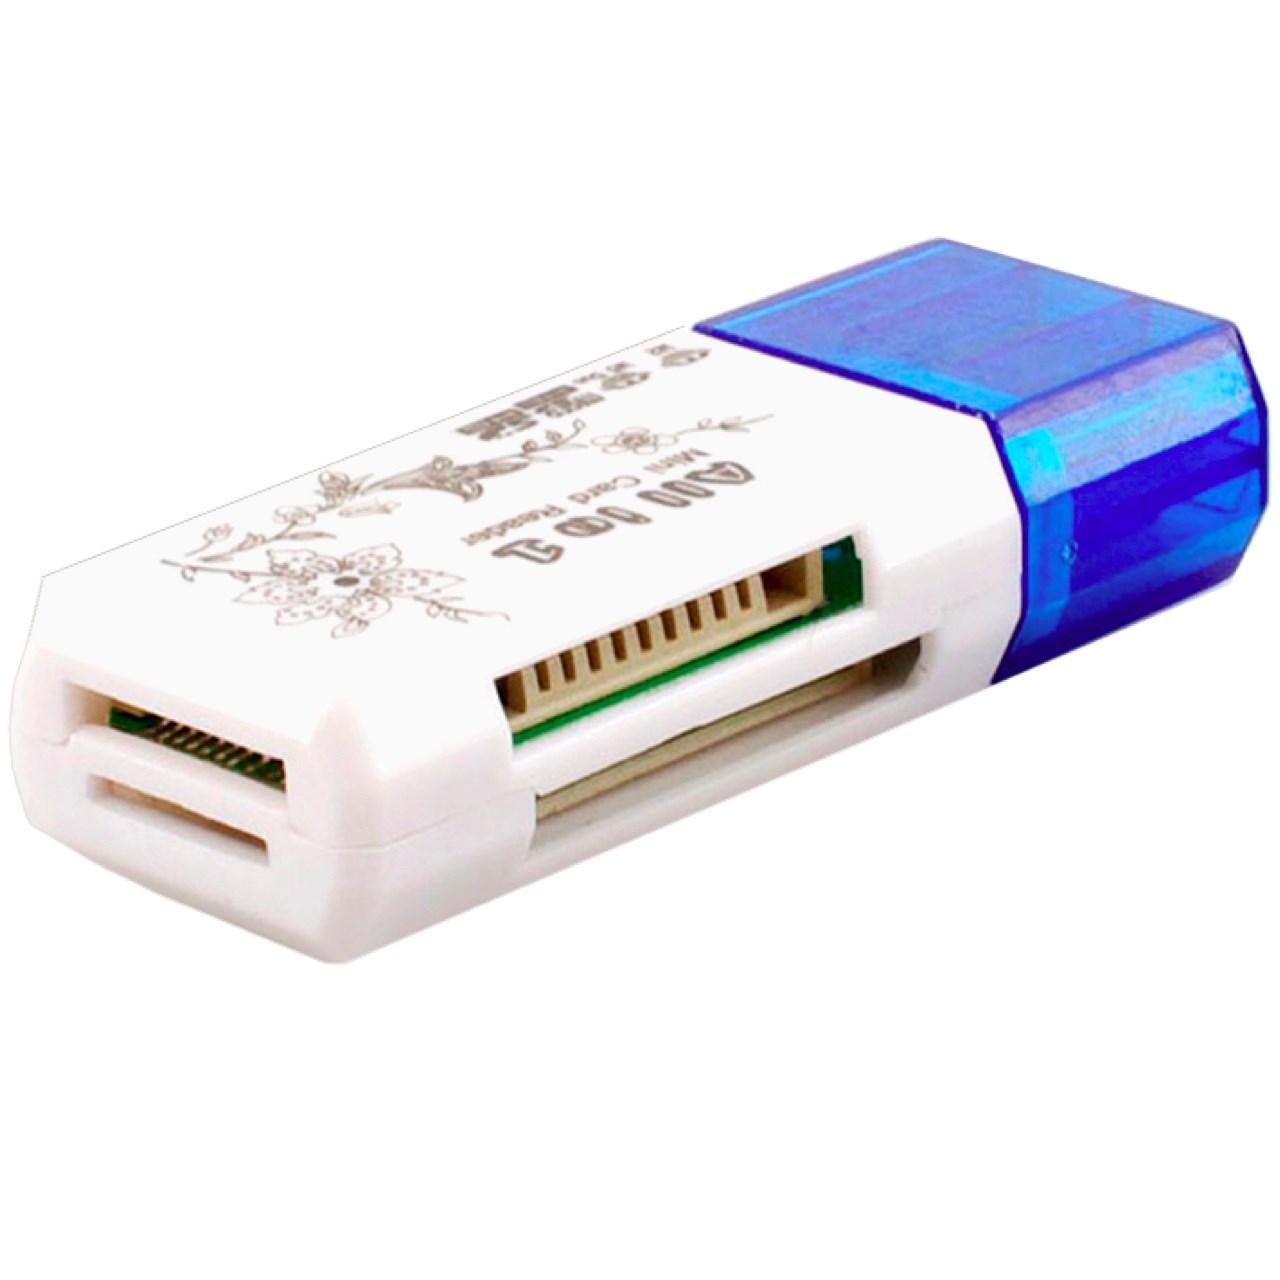 کارت خوان چند کاره ایکس پی _ پروداکت مدل USB-R111